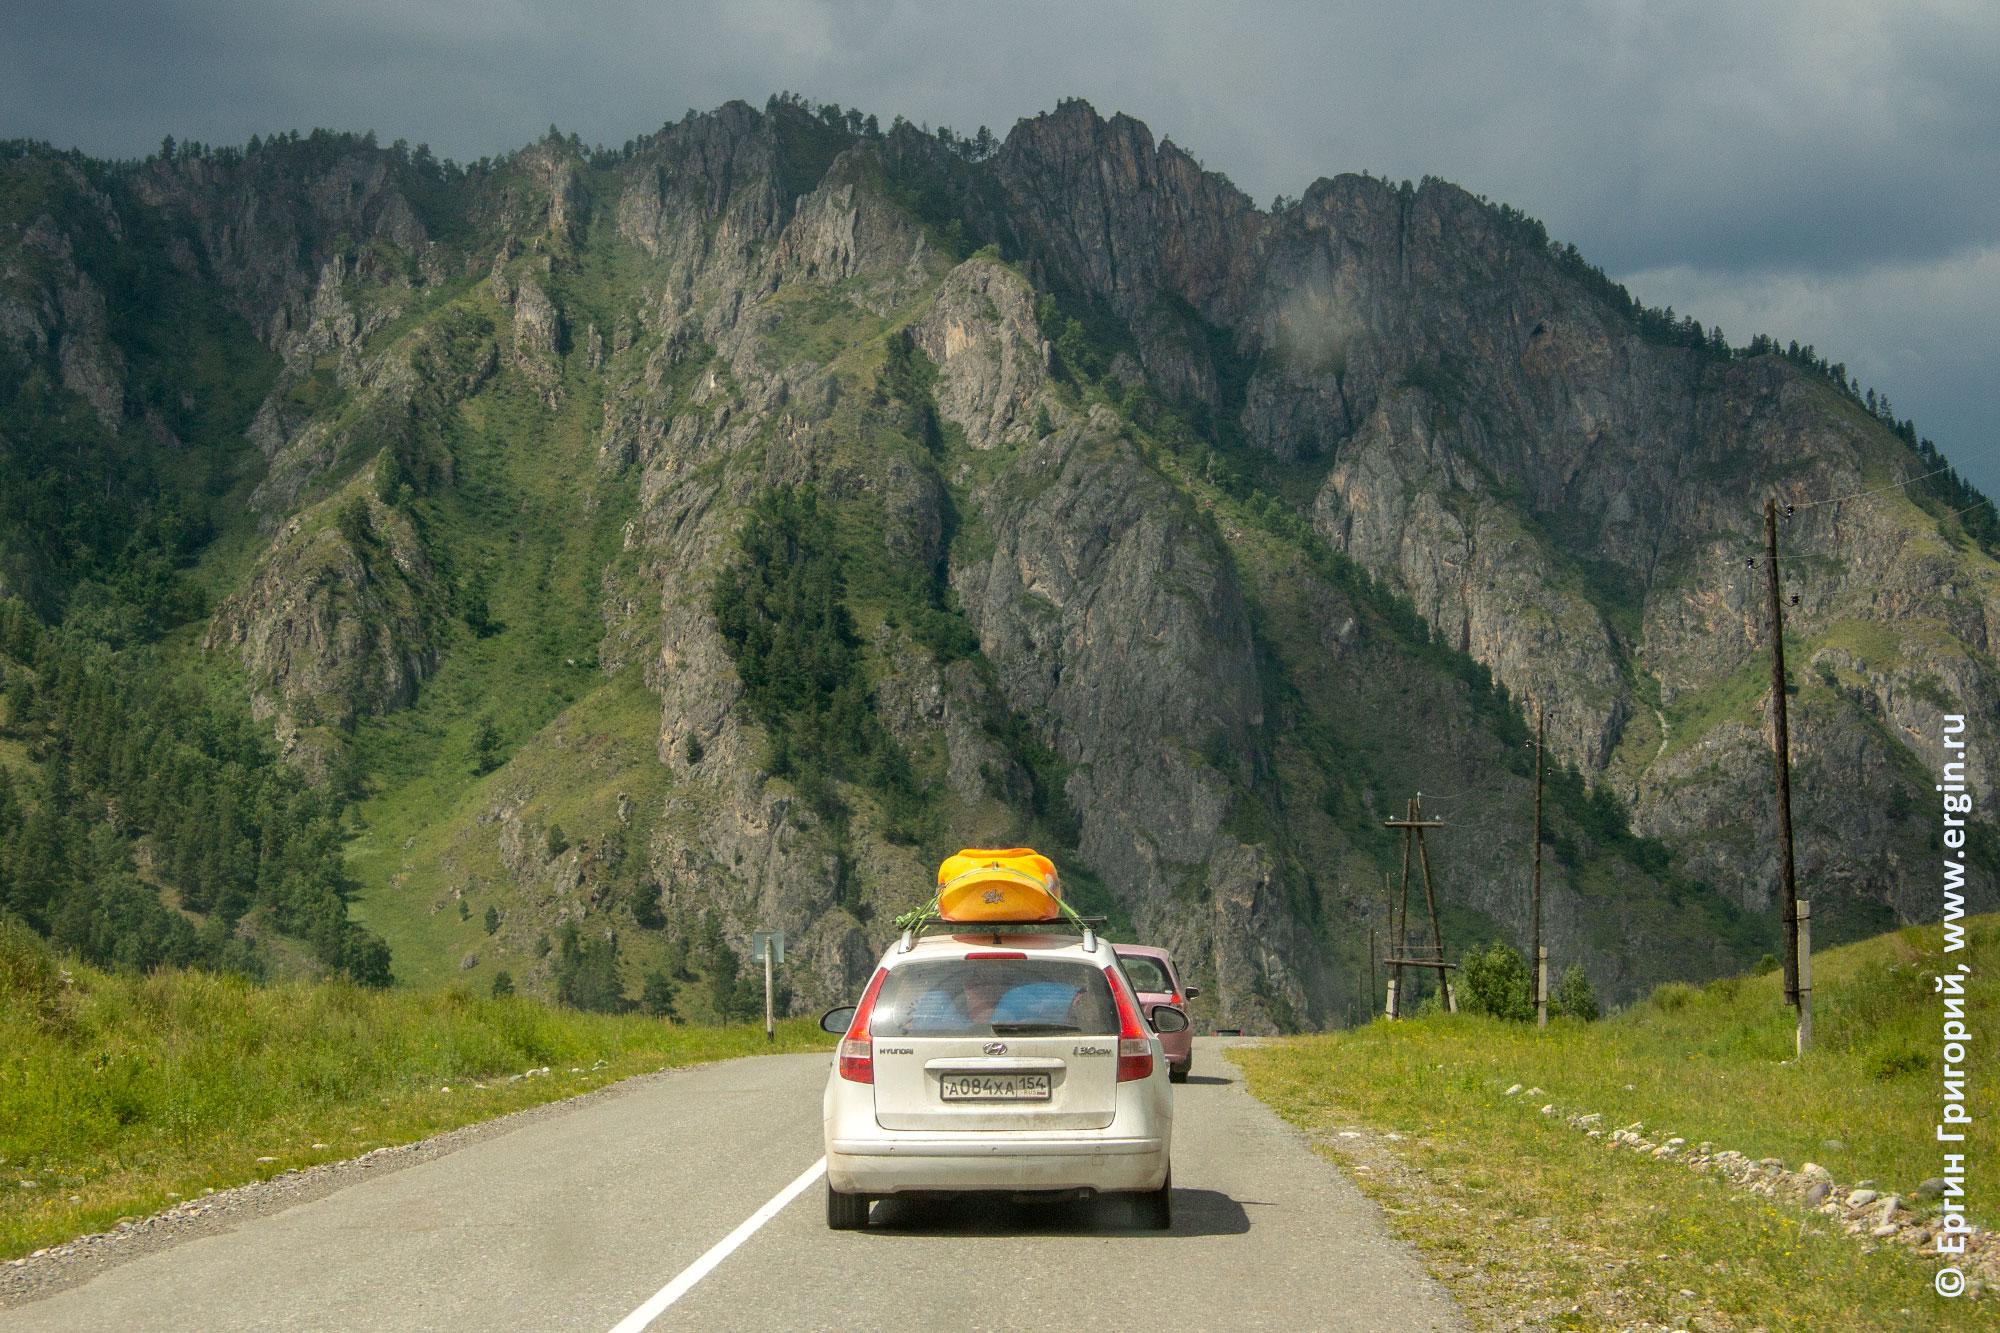 Машина с каяками на фоне алтайских гор: каякеры едут домой